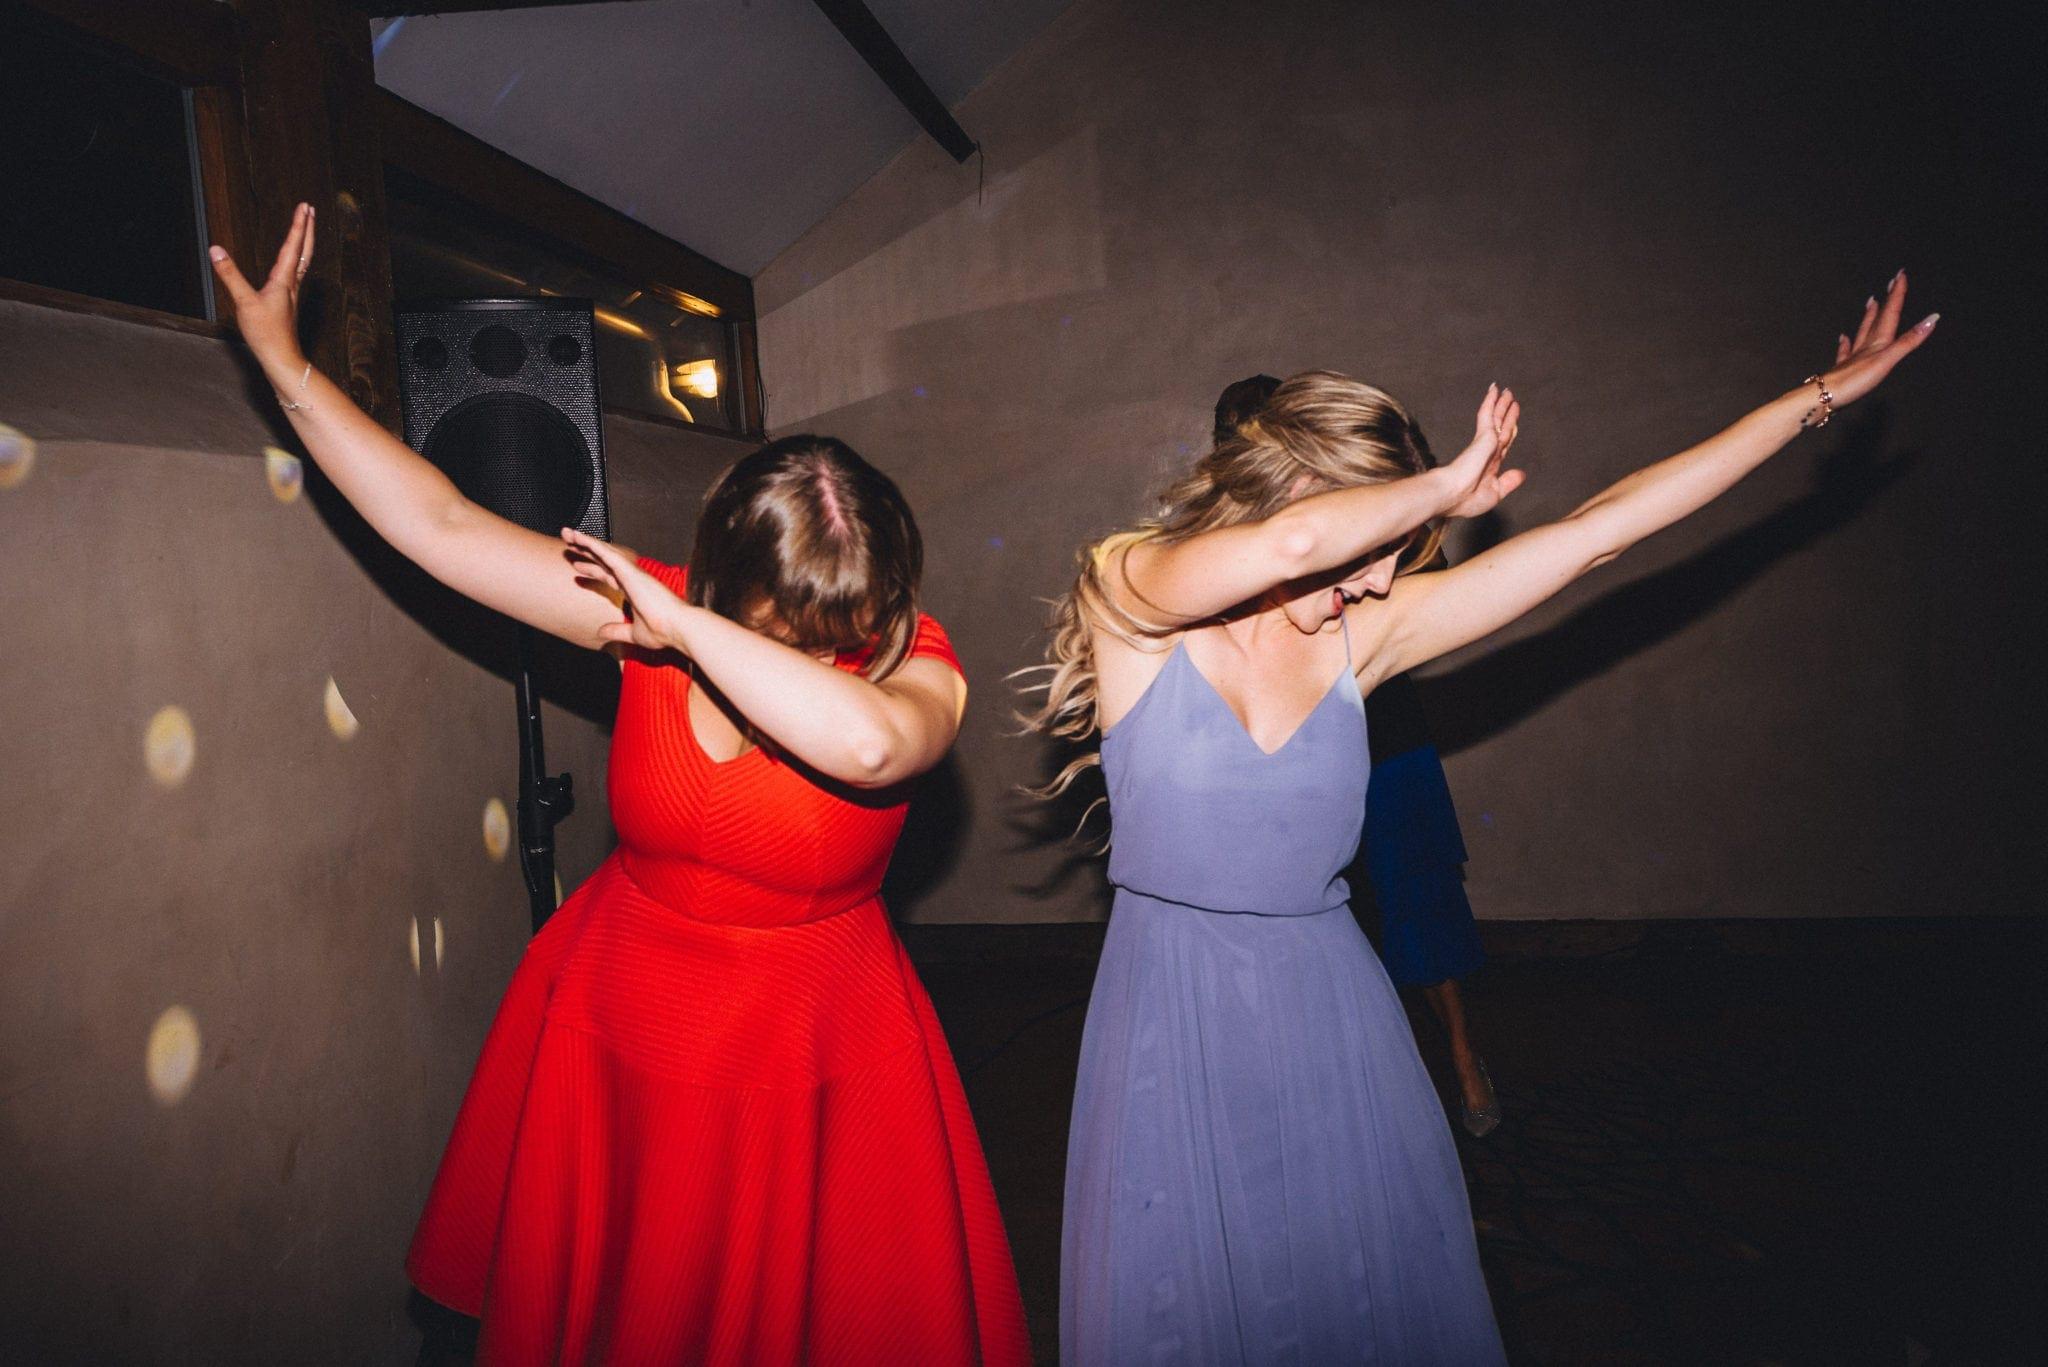 Guests throwing shape on dancefloor